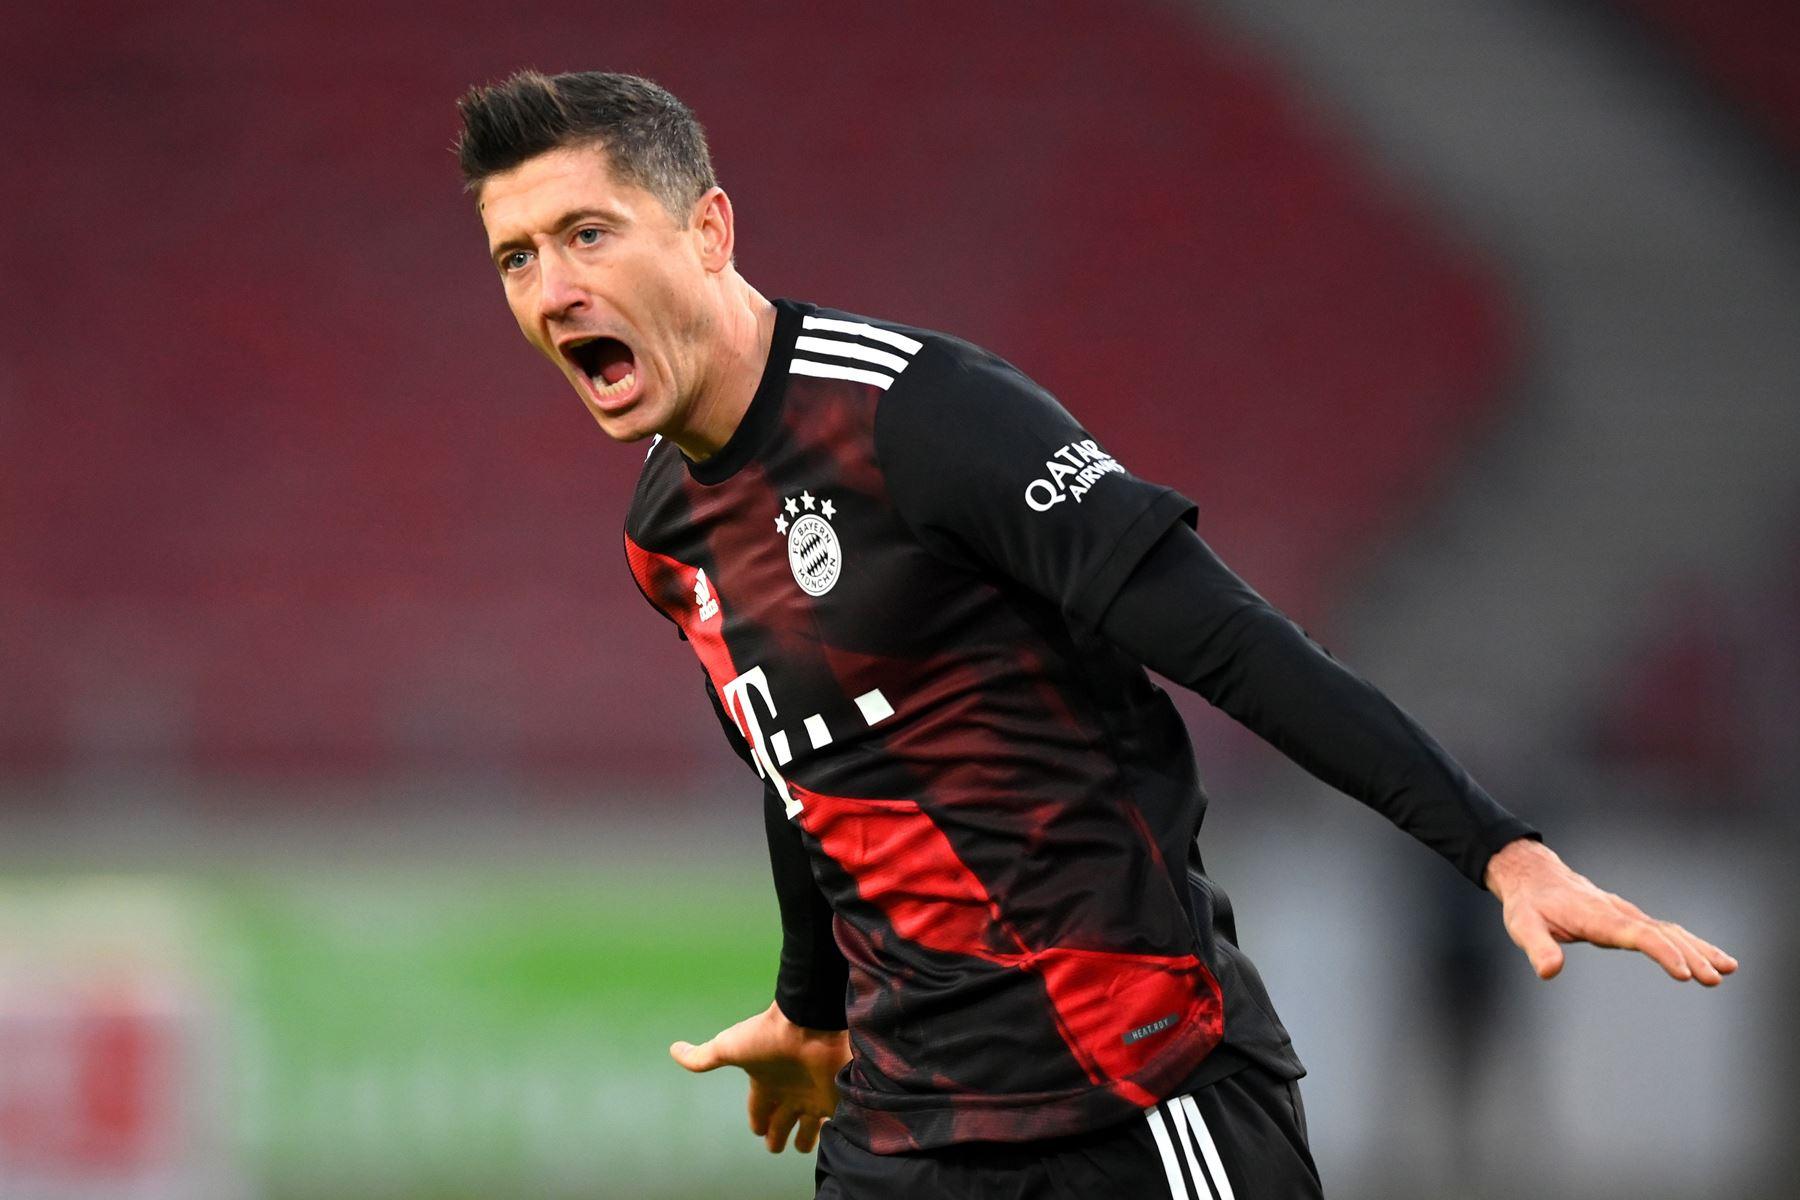 Robert Lewandowski del Bayern Munich celebra tras marcar el 2-1 en el partido de fútbol contra VfB Stuttgart de la Bundesliga. Foto: EFE